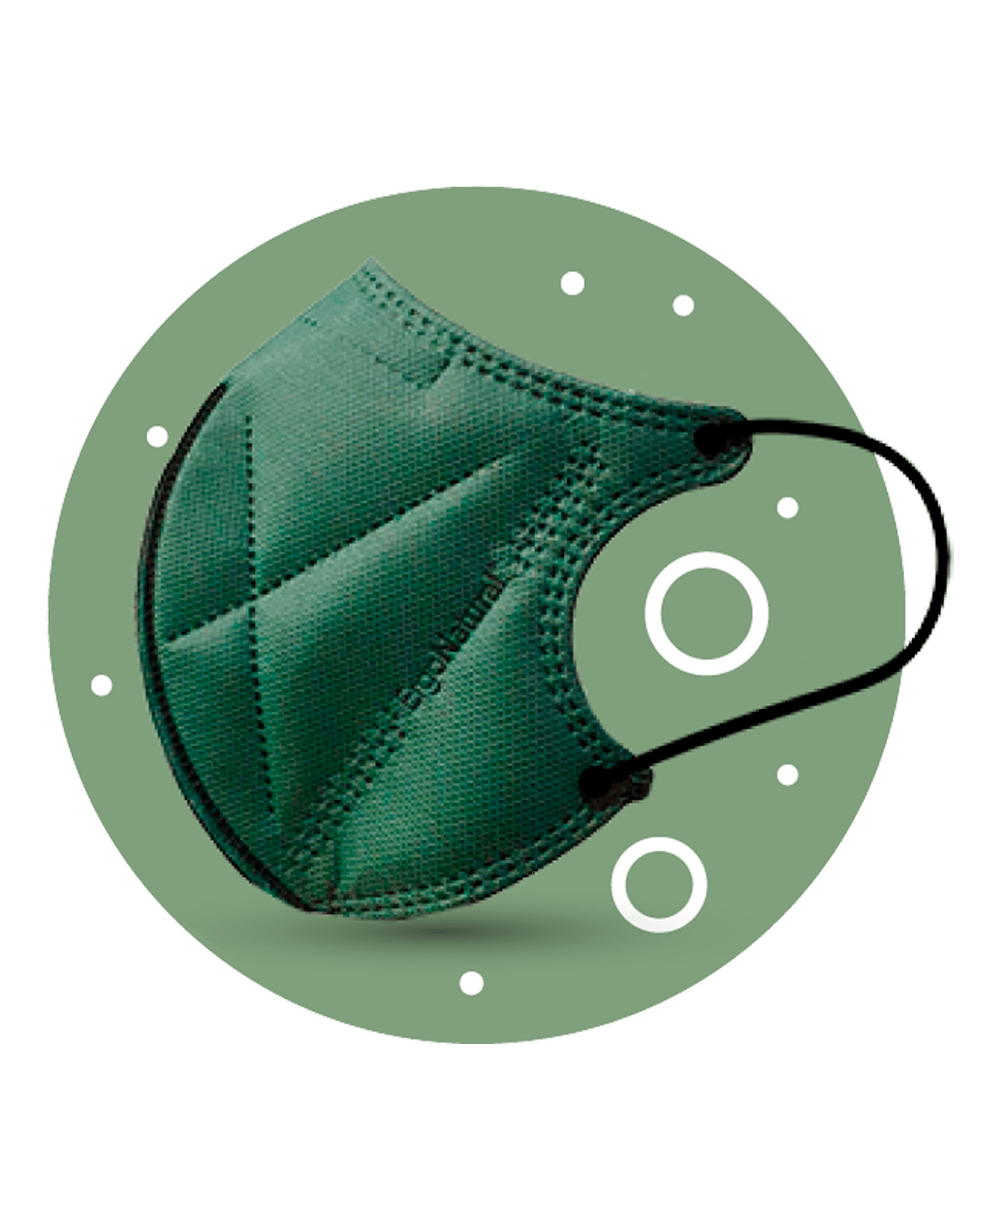 Mascarilla Negra Higiénica Ergo Natural Reutilizable Pack 2 Unidades Color Verde Tu Cruz Verde